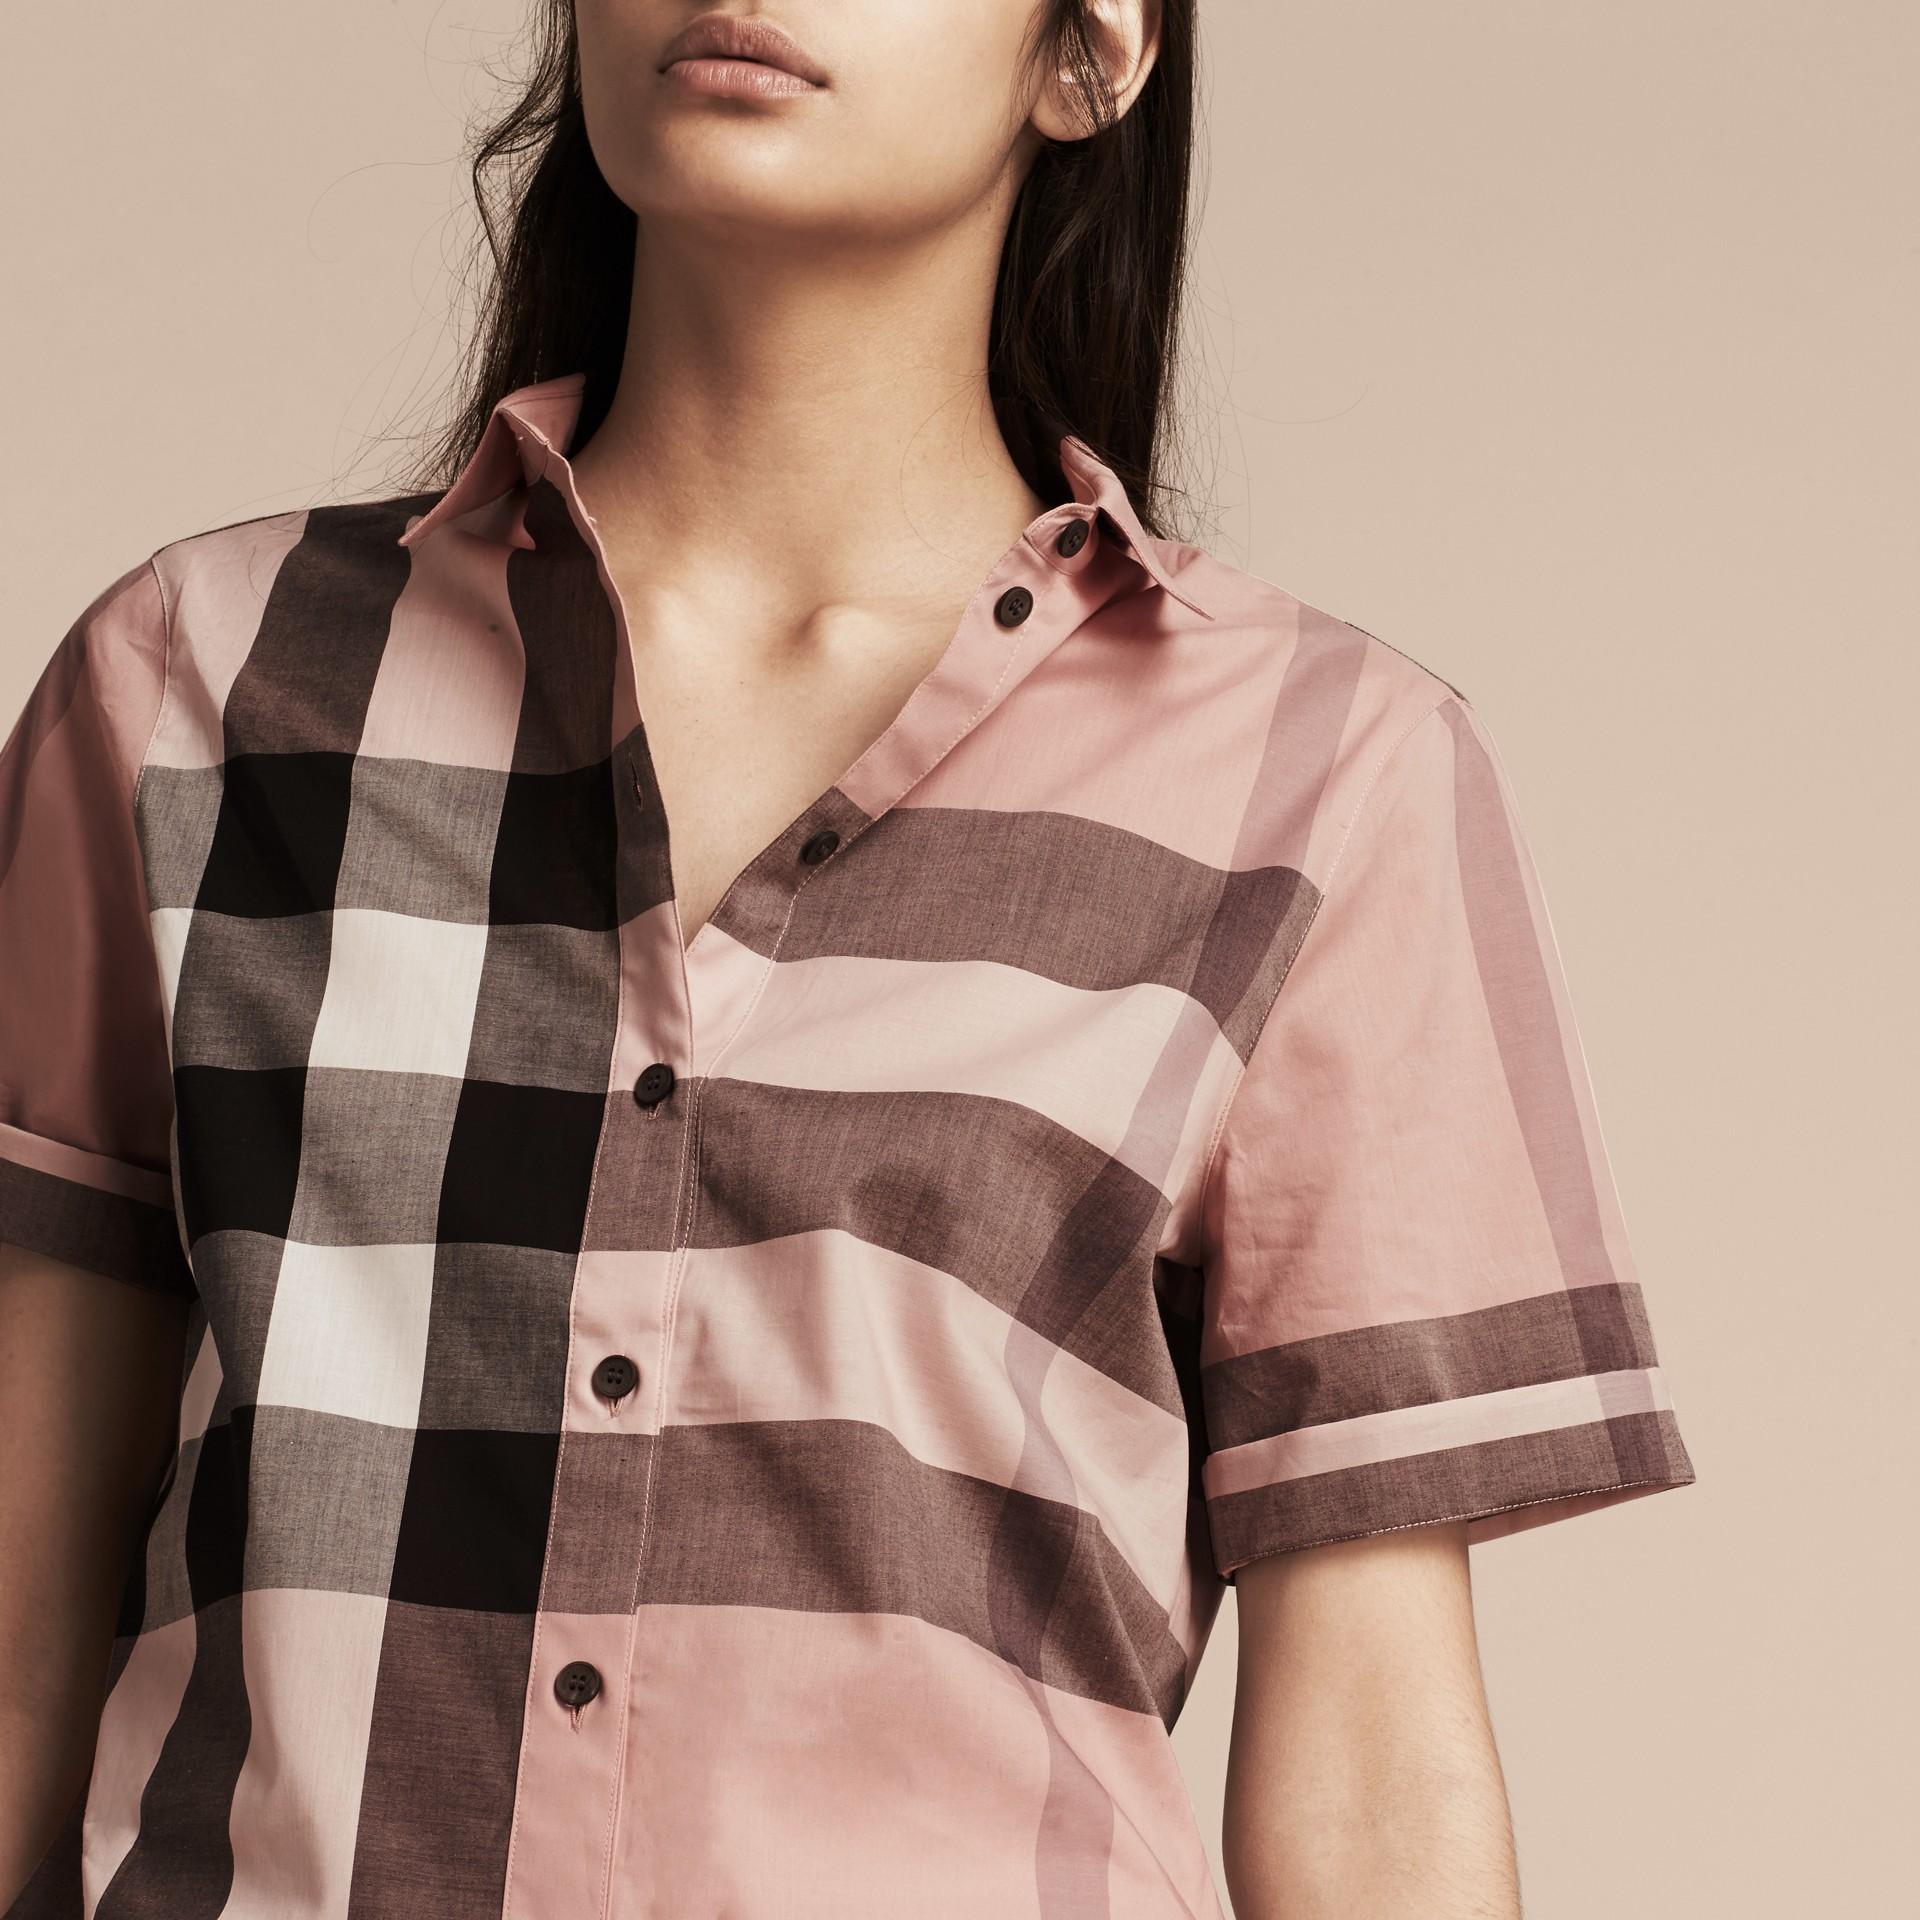 Rosa antico Camicia a maniche corte in cotone con motivo check Rosa Antico - immagine della galleria 5